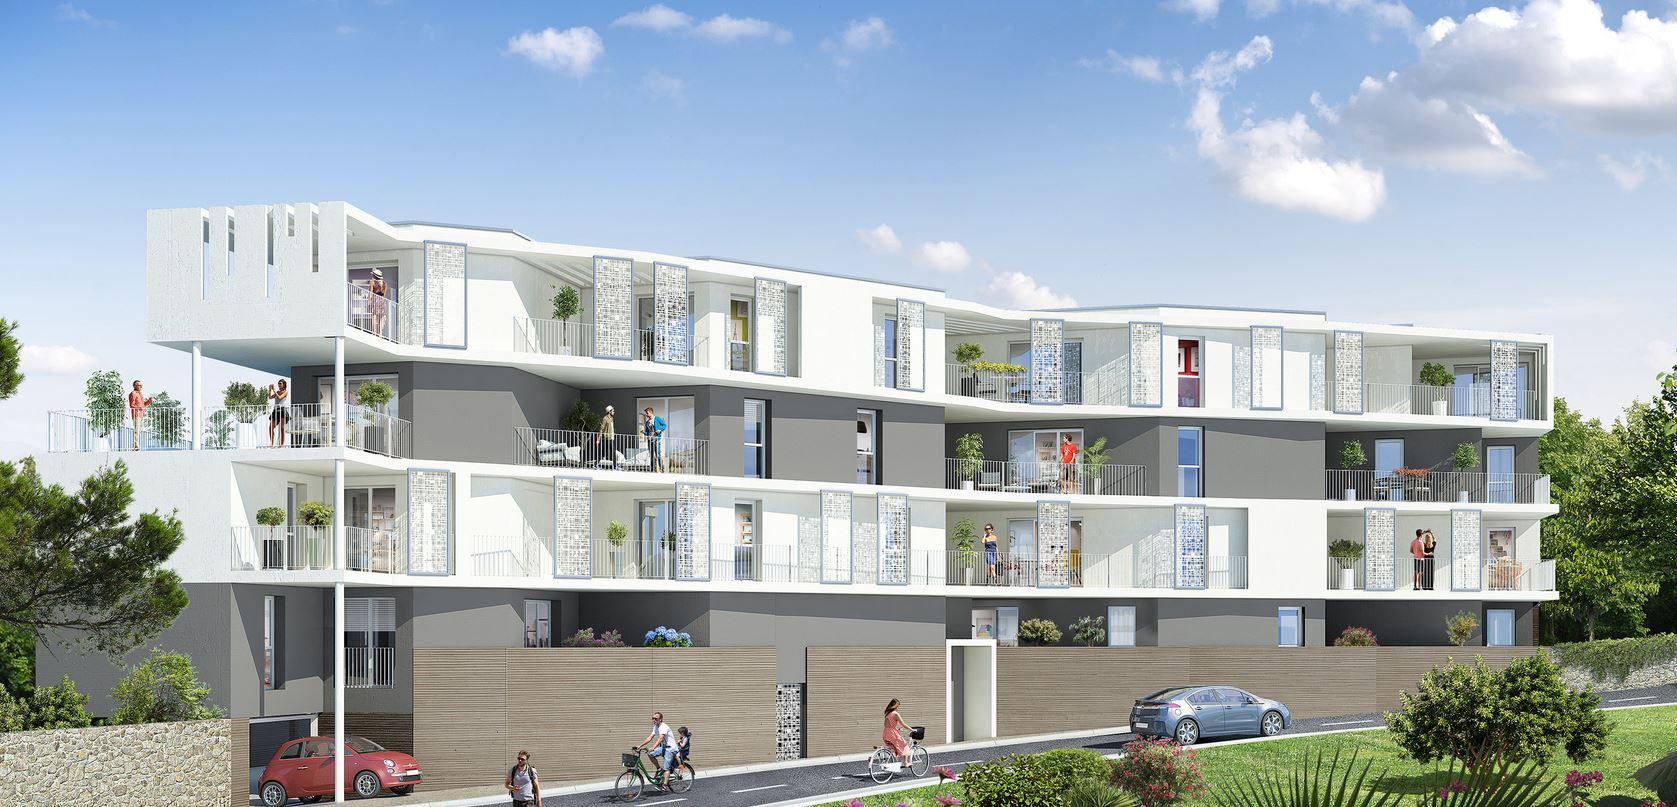 Immobilier neuf Sète : investissez, c'est le moment